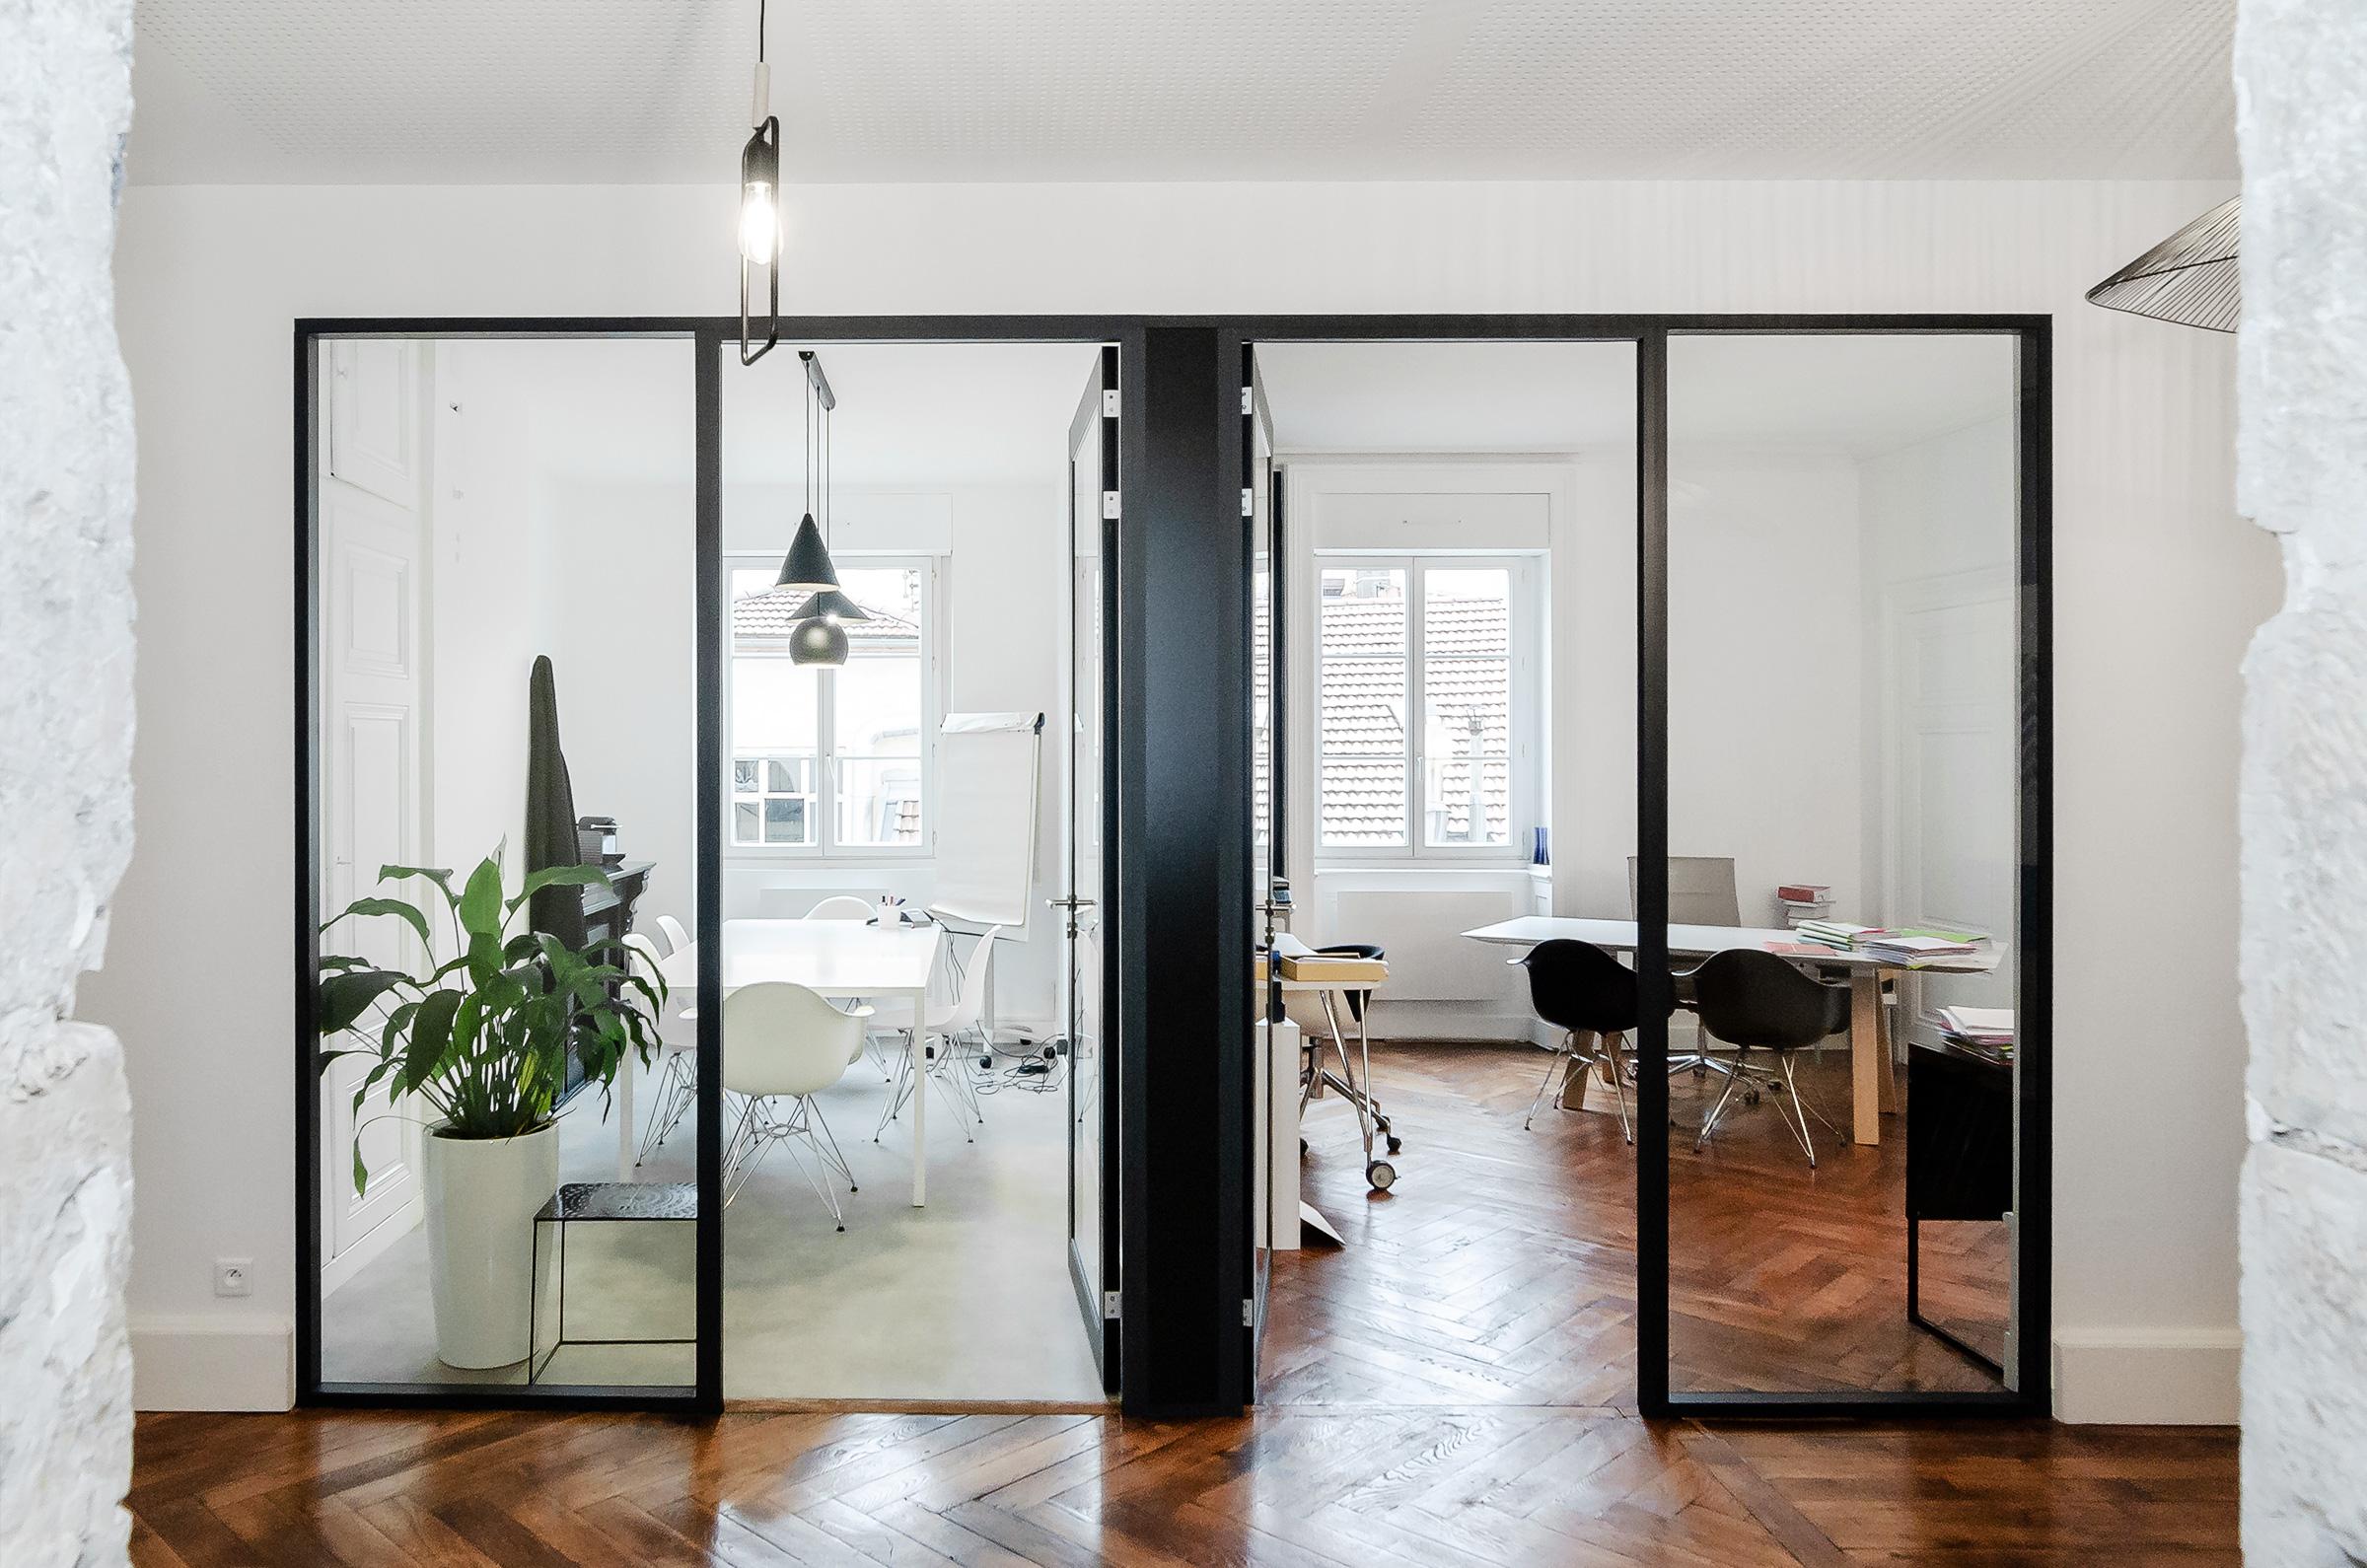 transformation d'appartement et aménagement de bureaux à Lyon